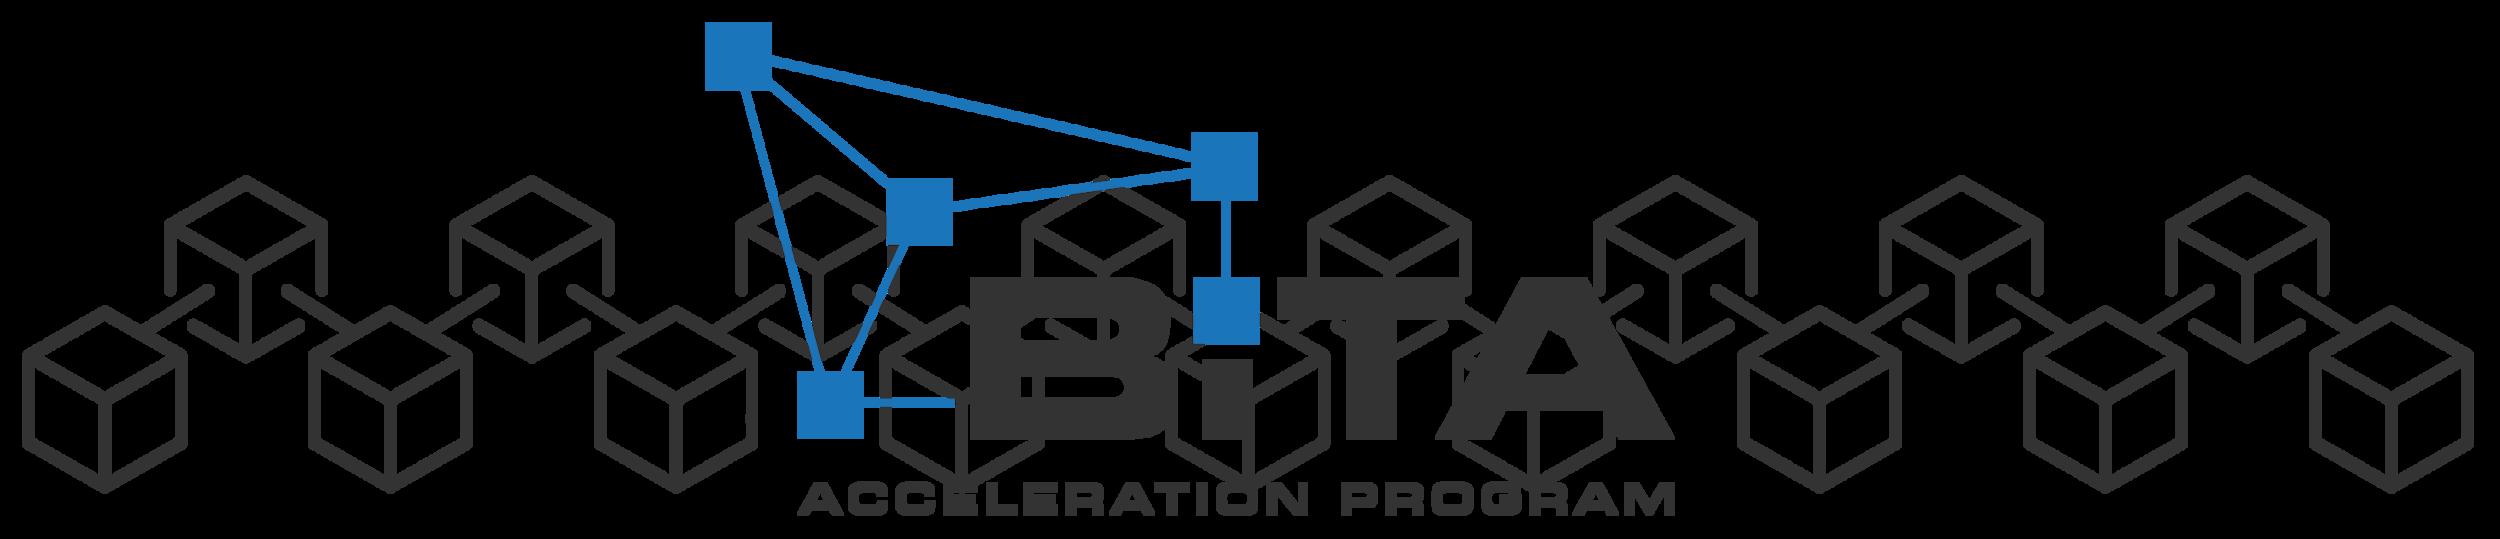 BiTA_Acceleration_Program_Banner.png